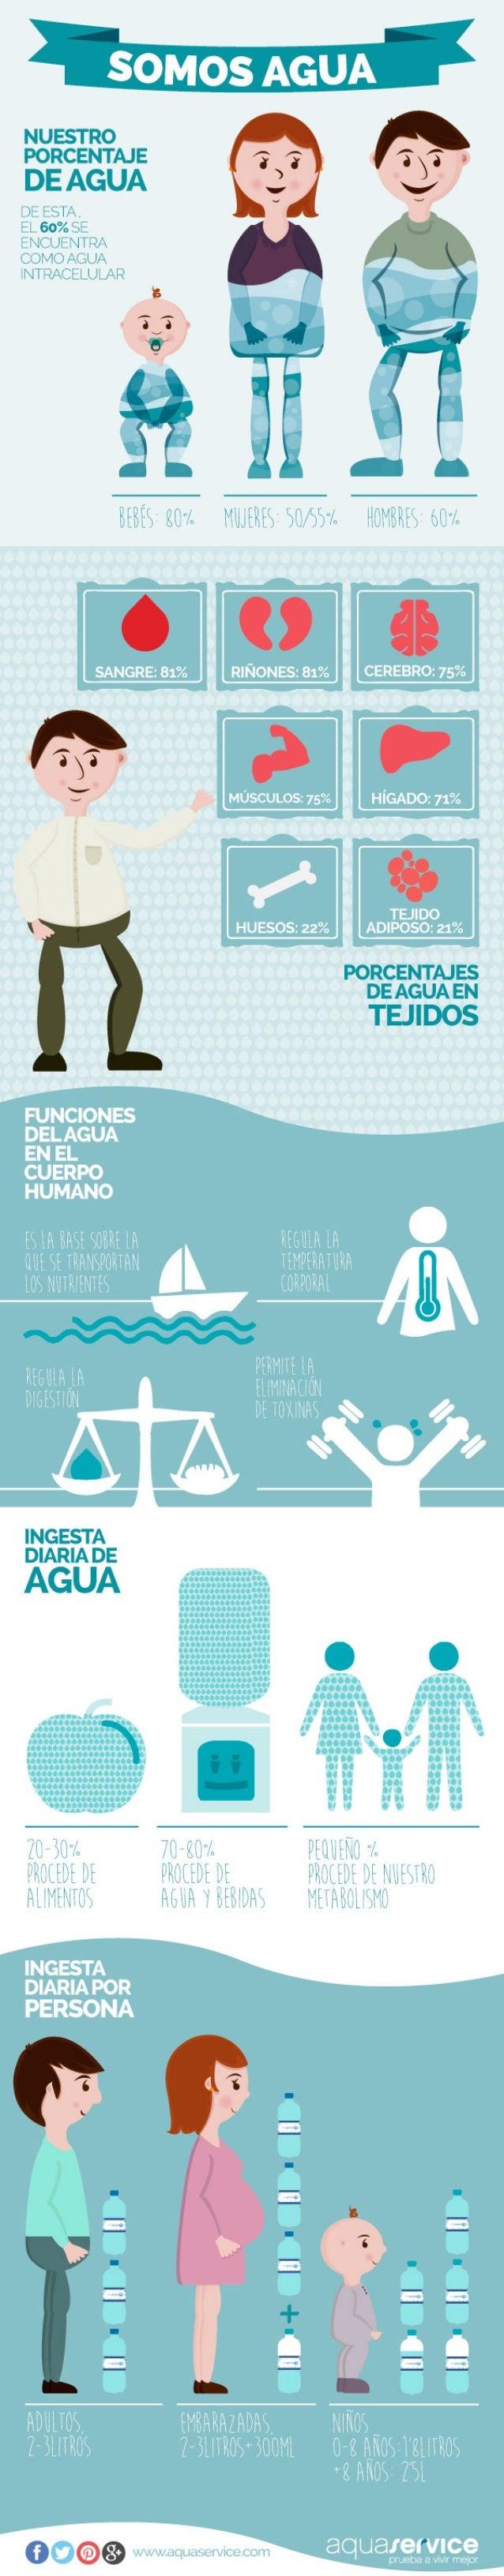 Infografía Somos Agua -Día Mundial del Agua Aquaservice